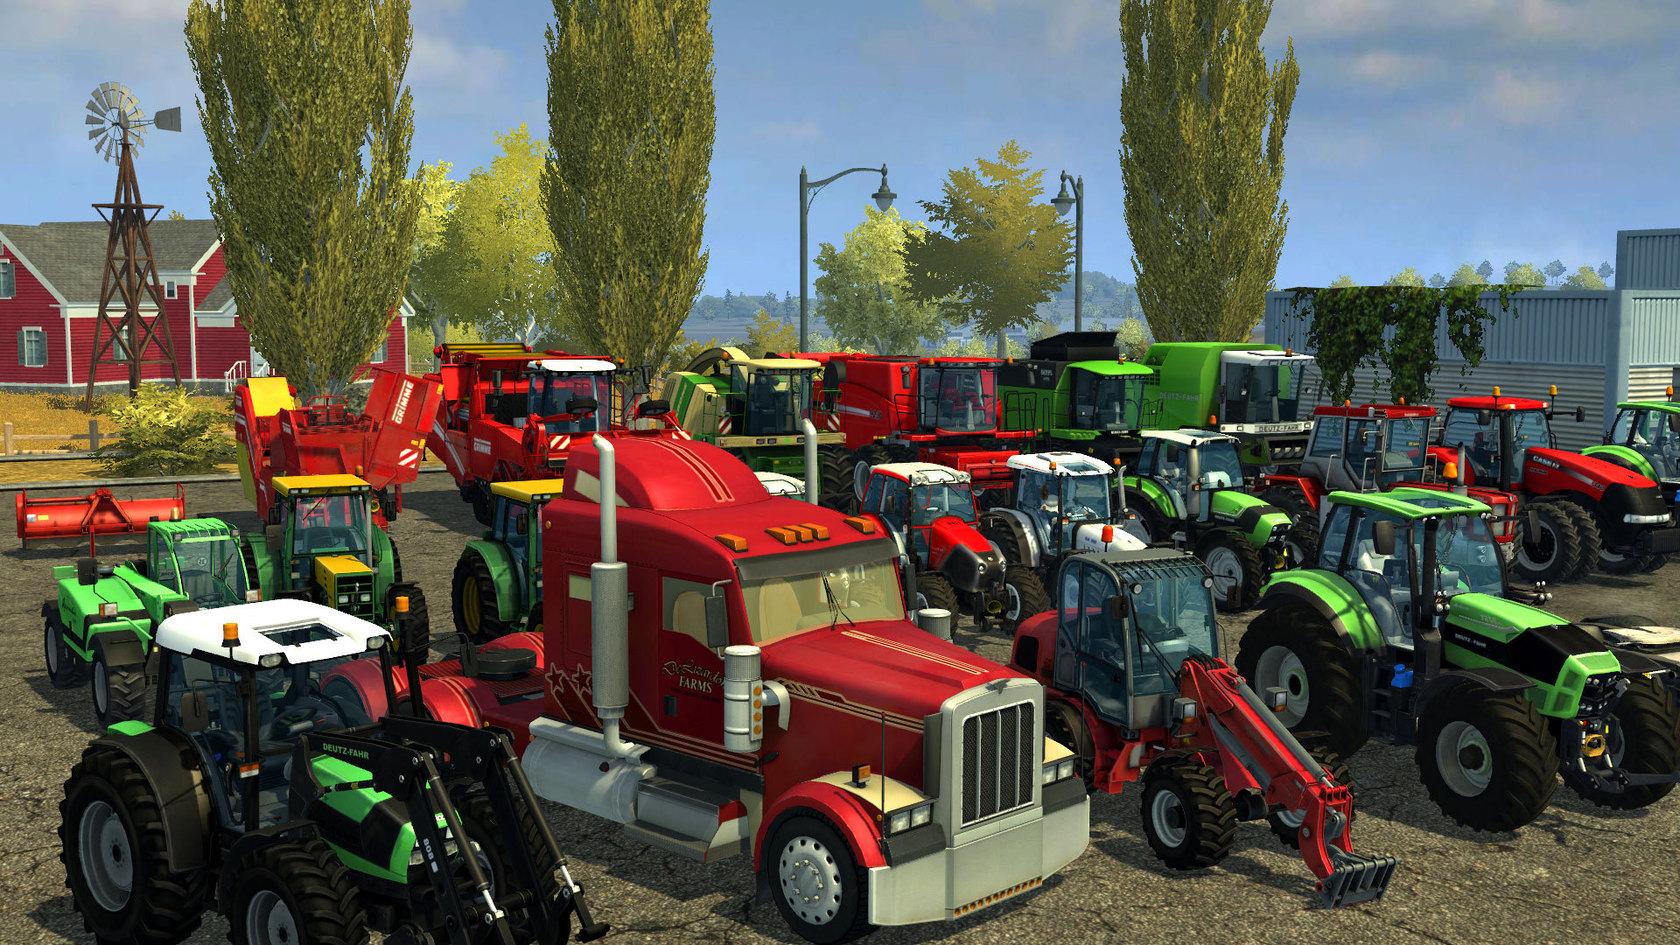 farming simulator 2013 download free full version